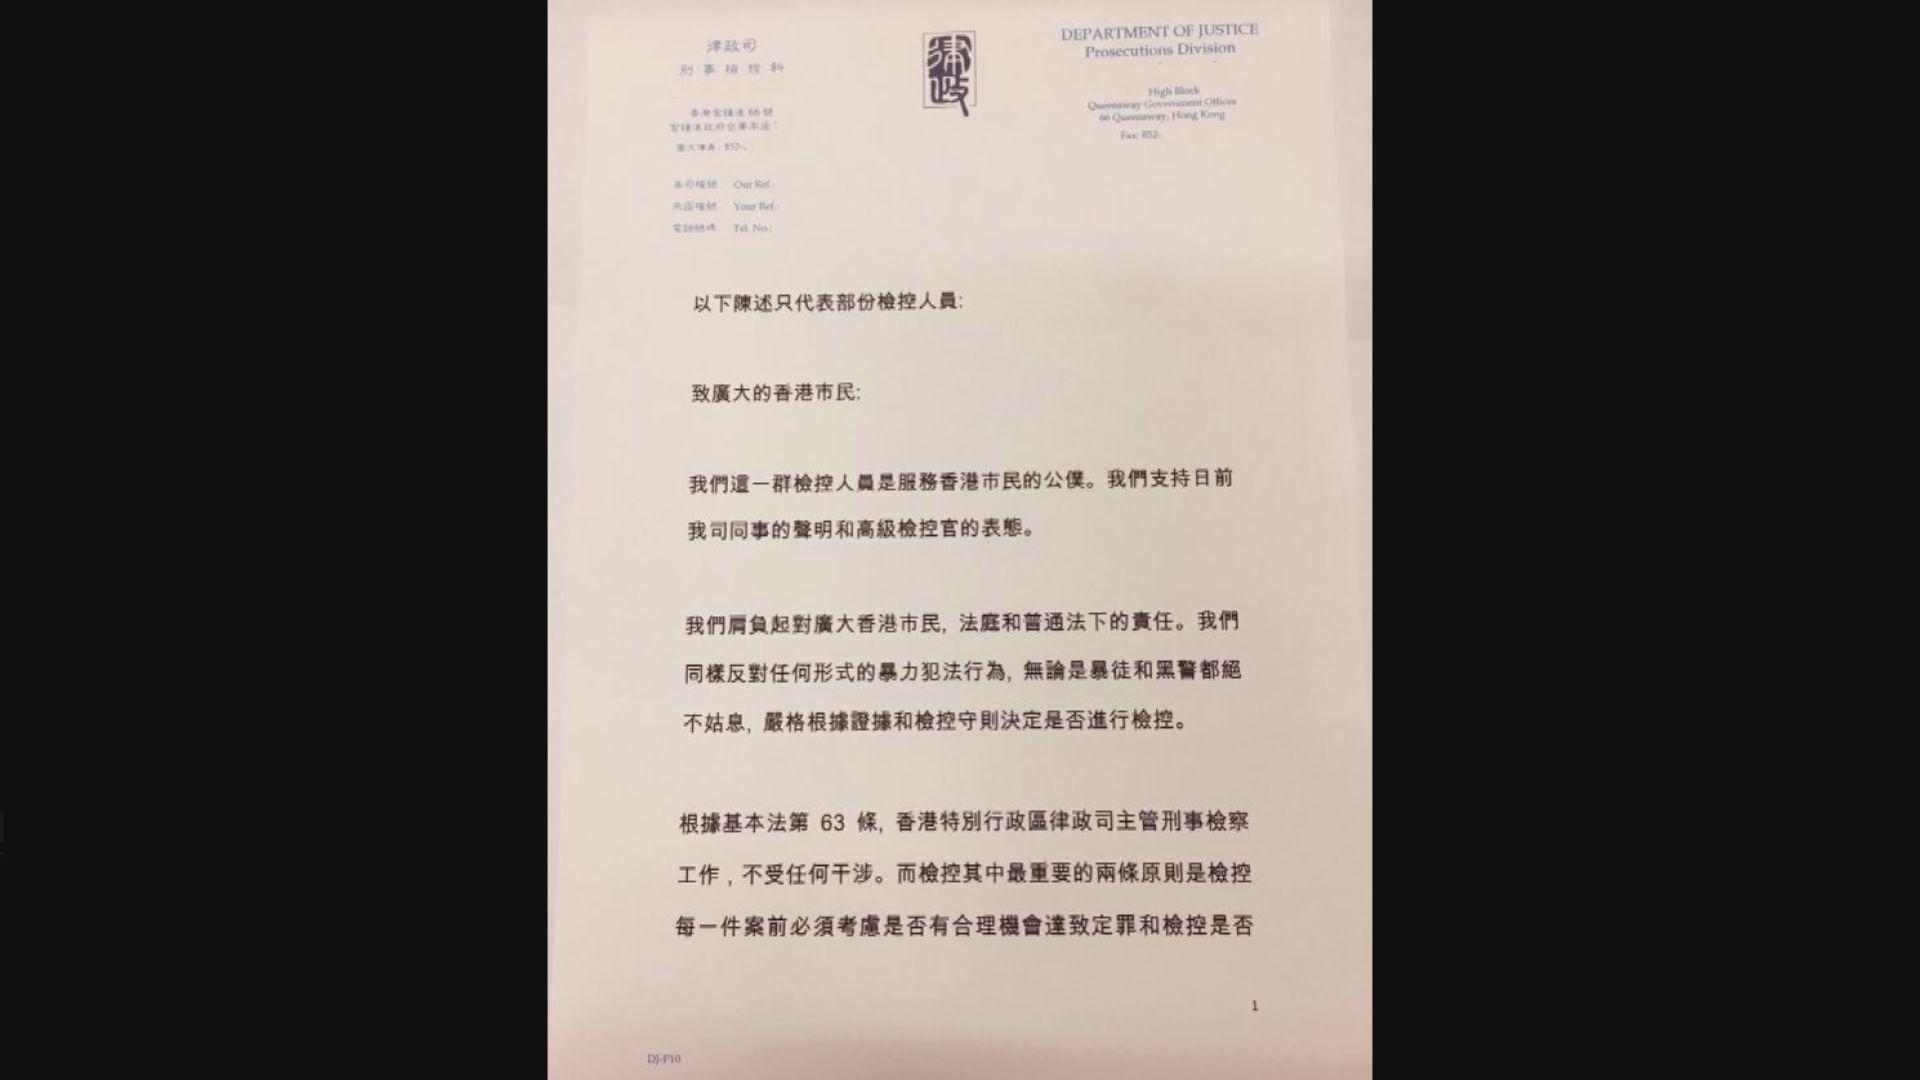 律政司檢控人員發公開信斥鄭若驊梁卓然